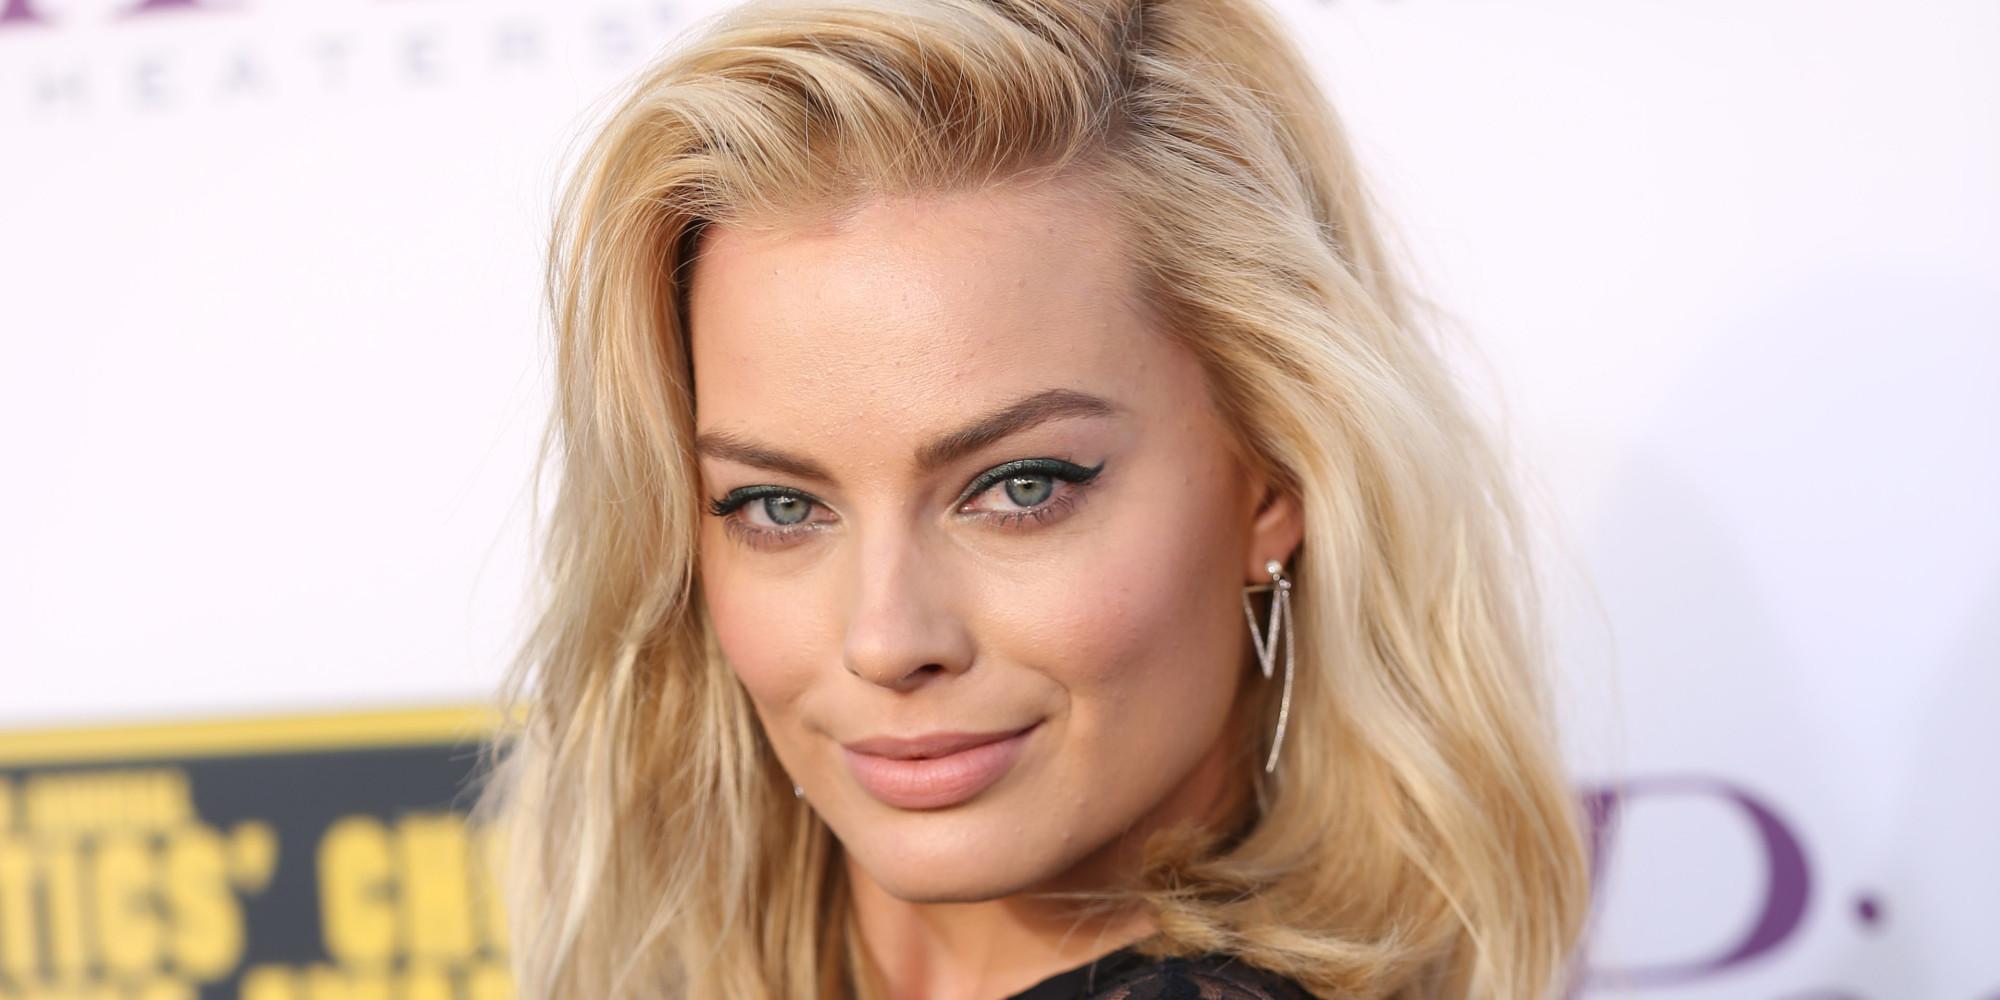 Margot-Robbie-Height-Weight-Age-Bra-Size-Affairs-Body-Stat